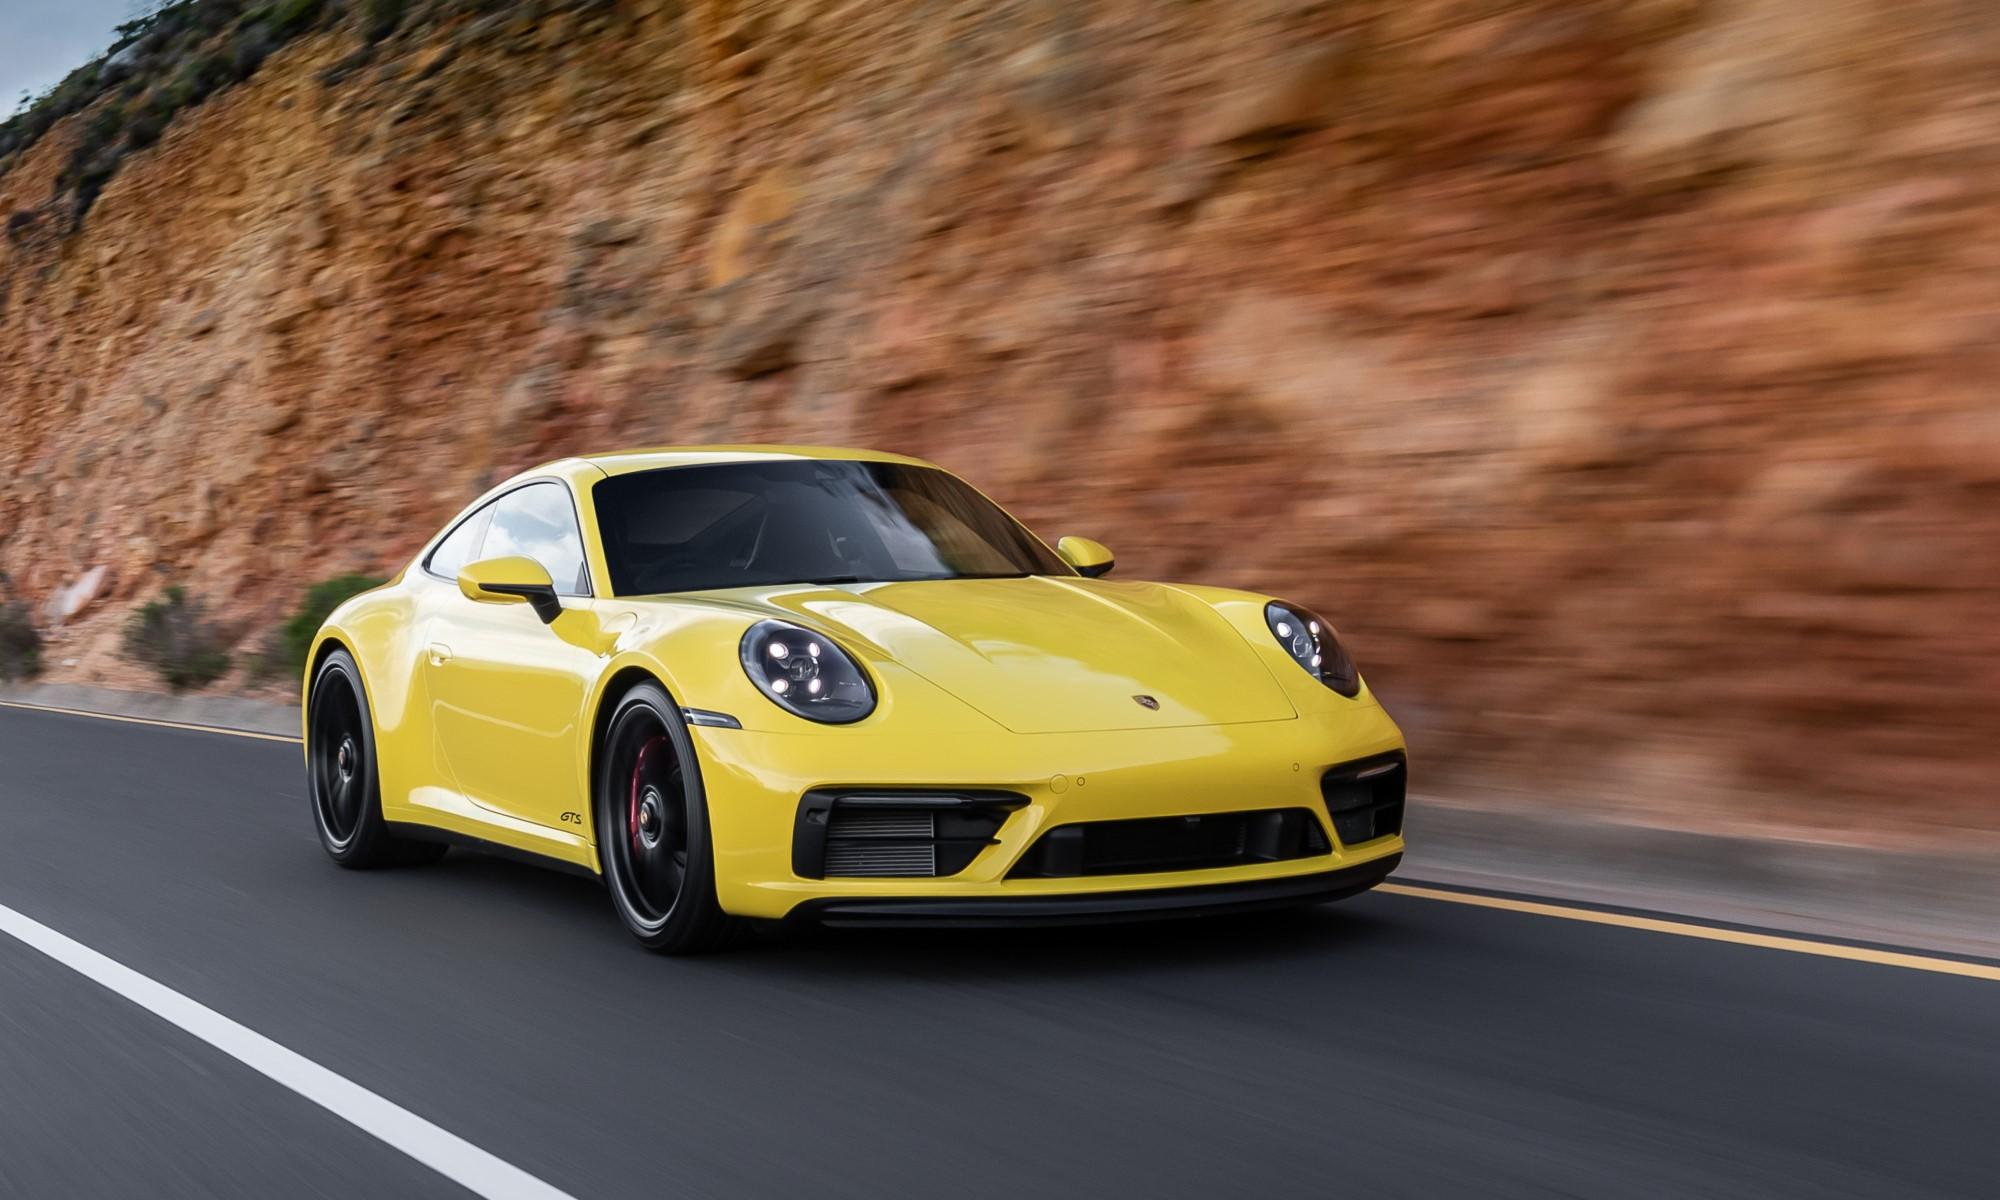 Porsche 911 GTS Derivatives Driven